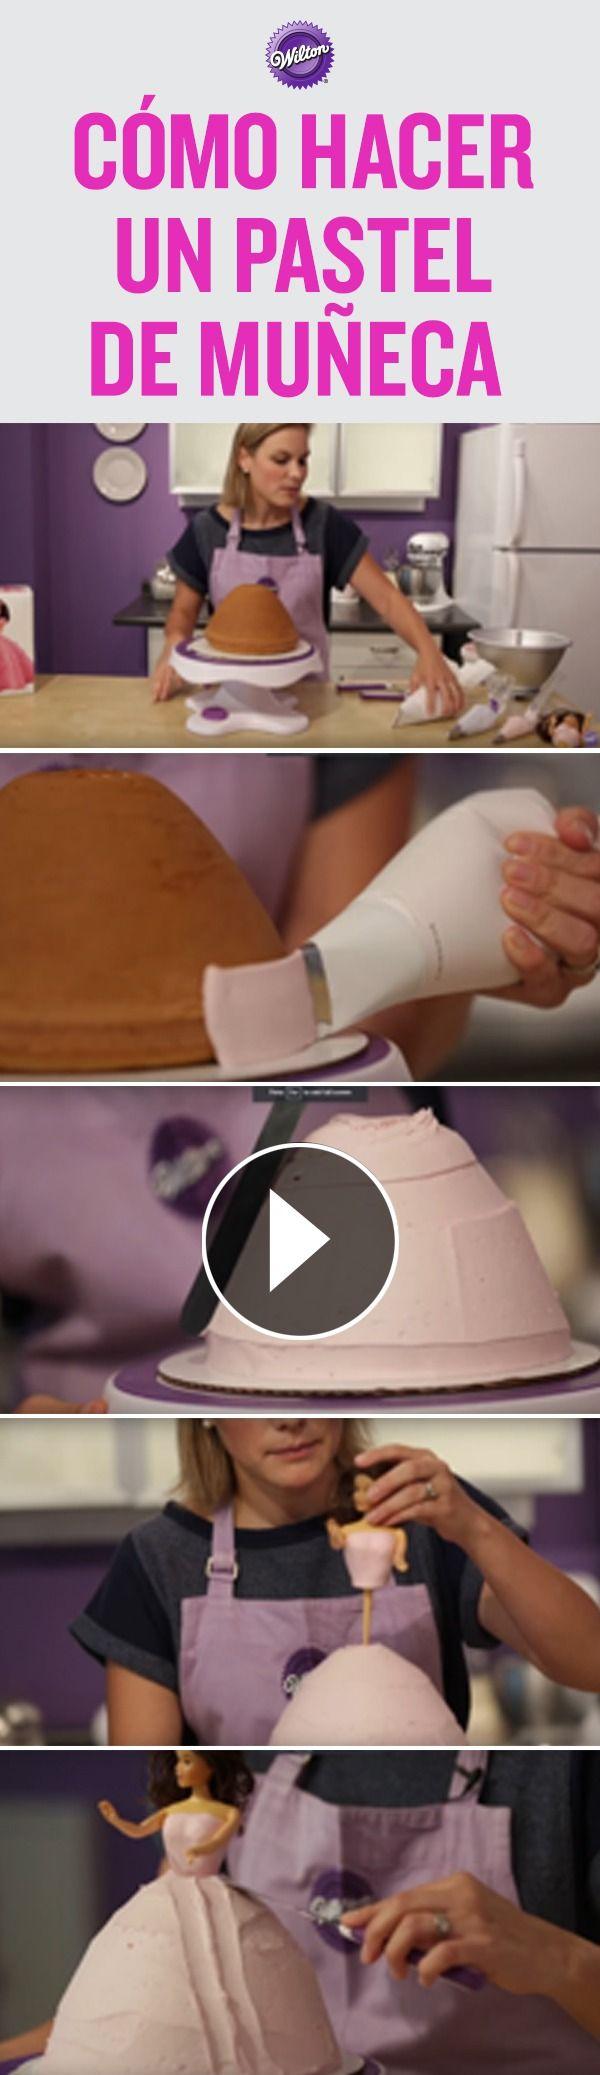 ¡Los pasteles en forma de muñeca son clásicos! Usa glaseado de mantequilla para convertir un pastel de muñeca en una hermosa princesa. Te vamos a enseñar paso a paso como glasear y decorar su vestido con glaseado de mantequilla, usando técnicas muy fáciles.